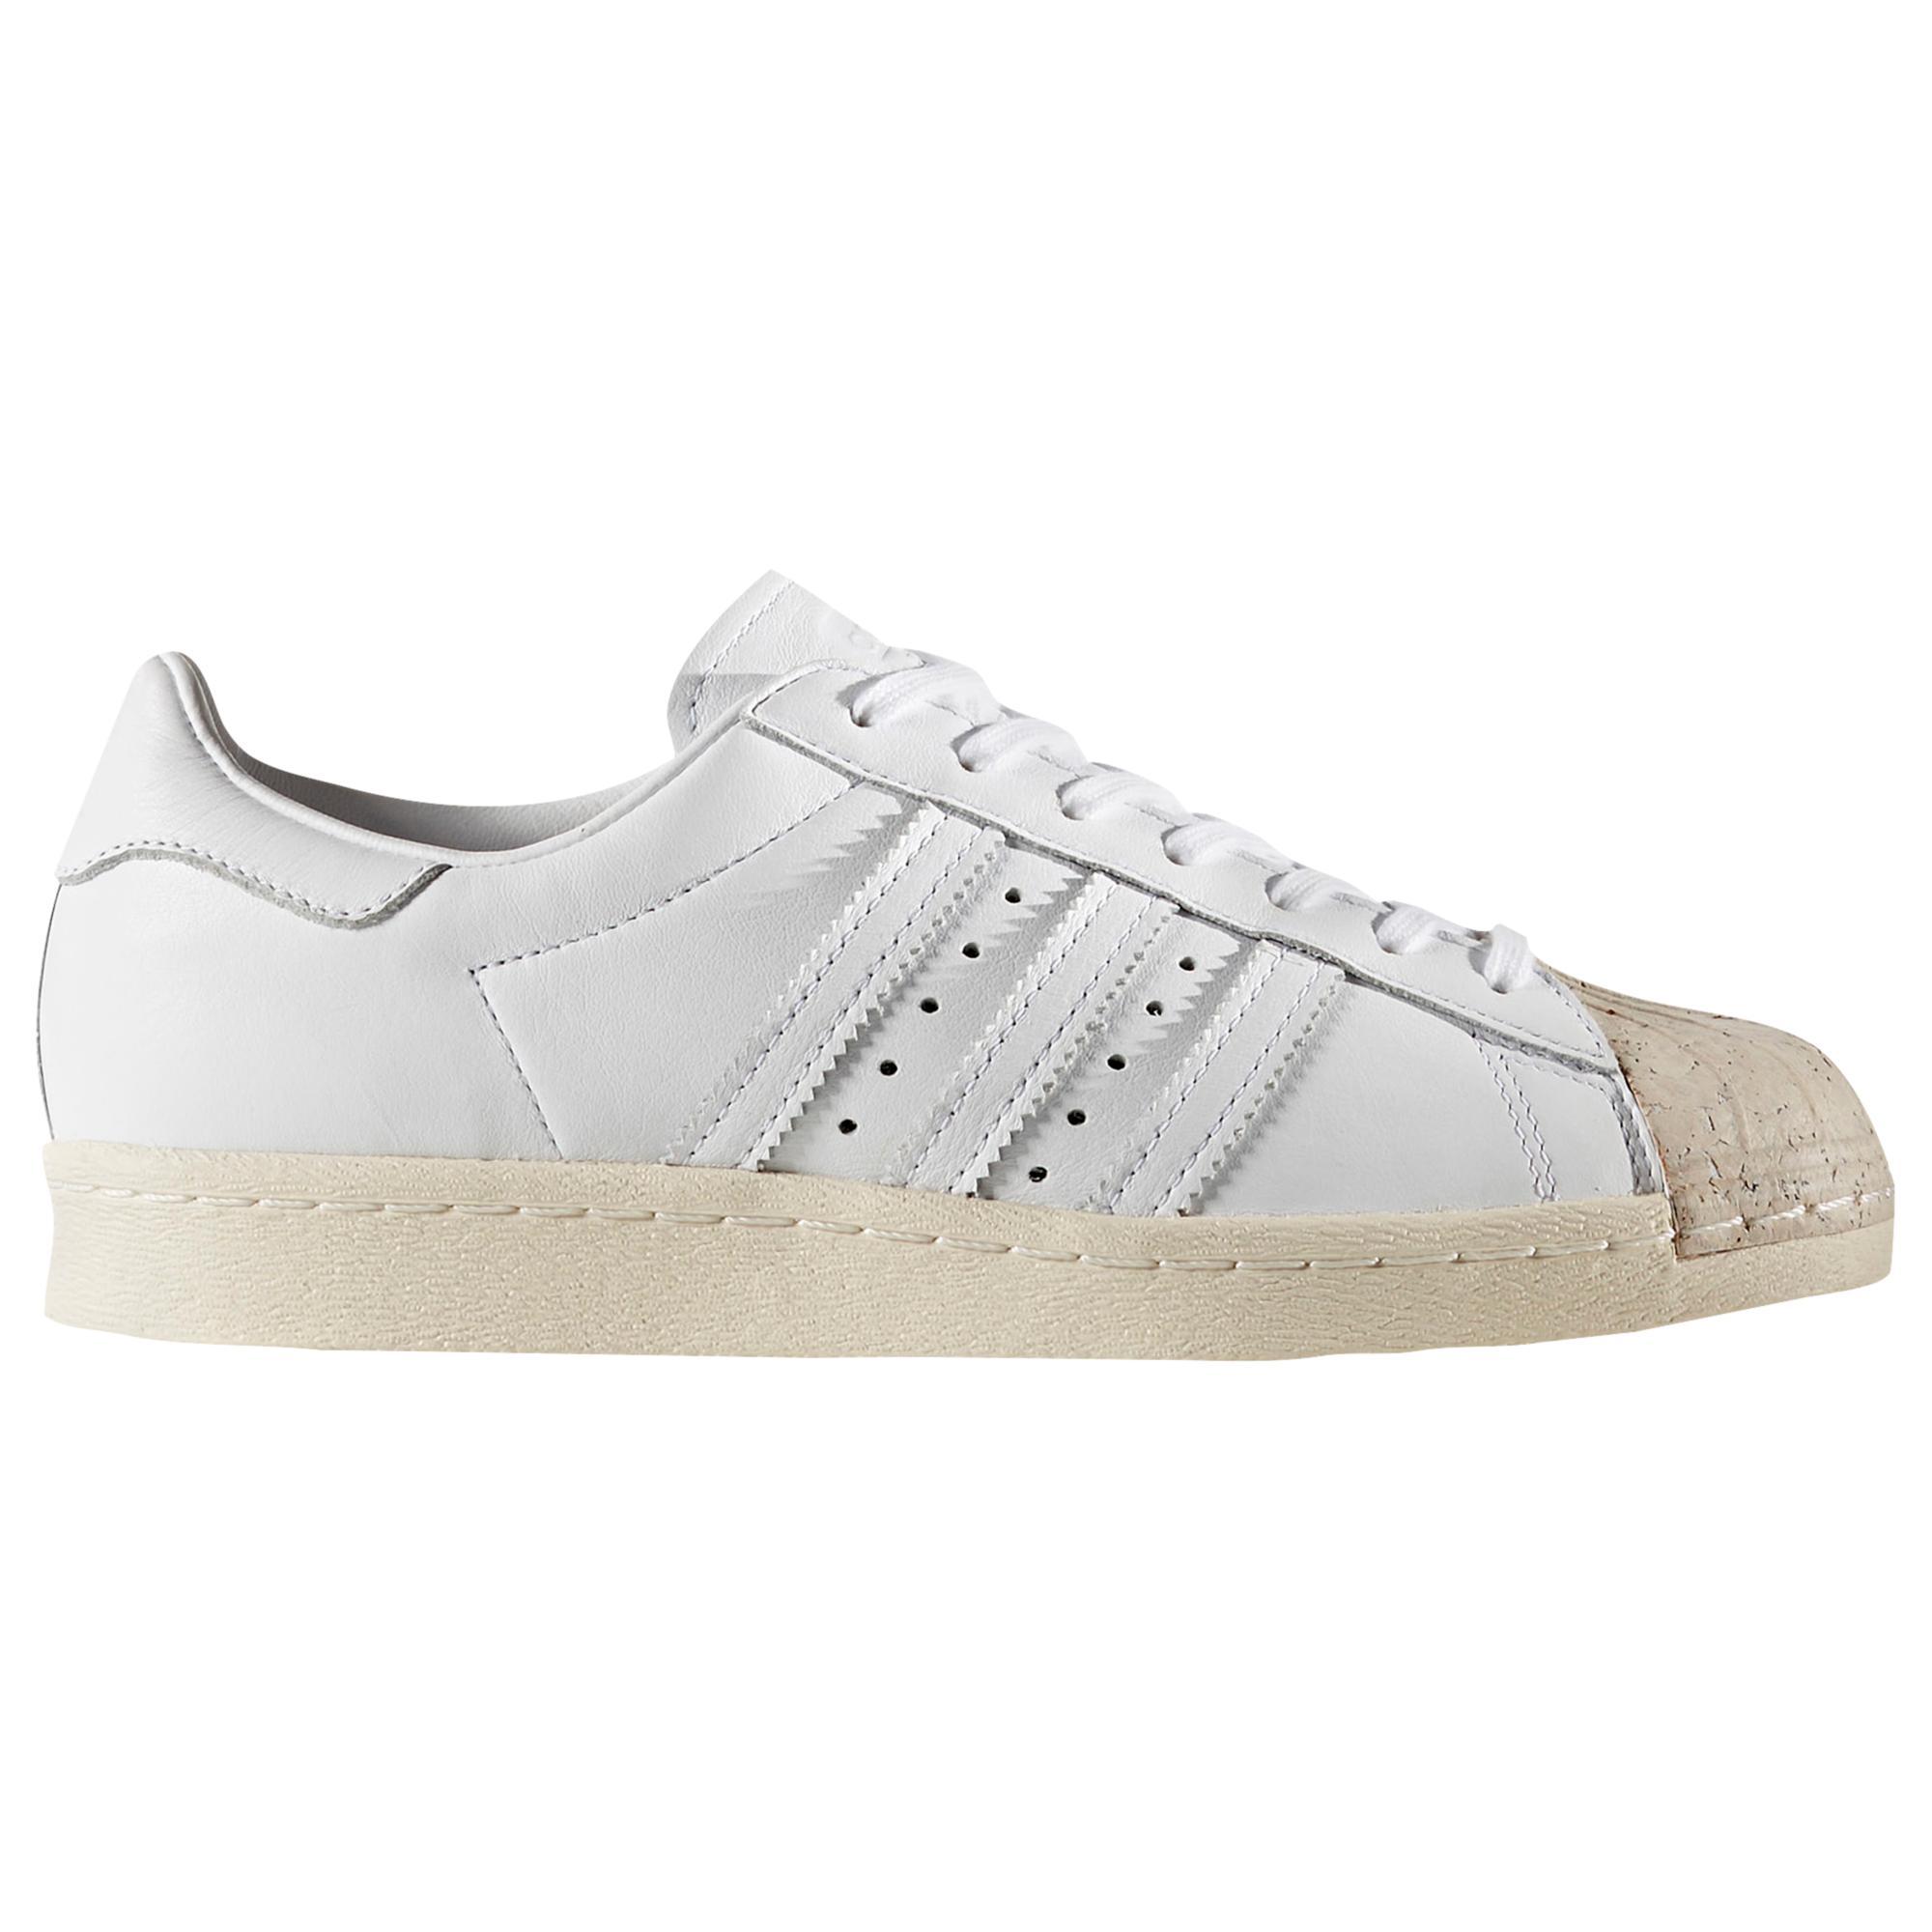 finest selection e83f9 19087 adidas Originals. Womens White Superstar 80s